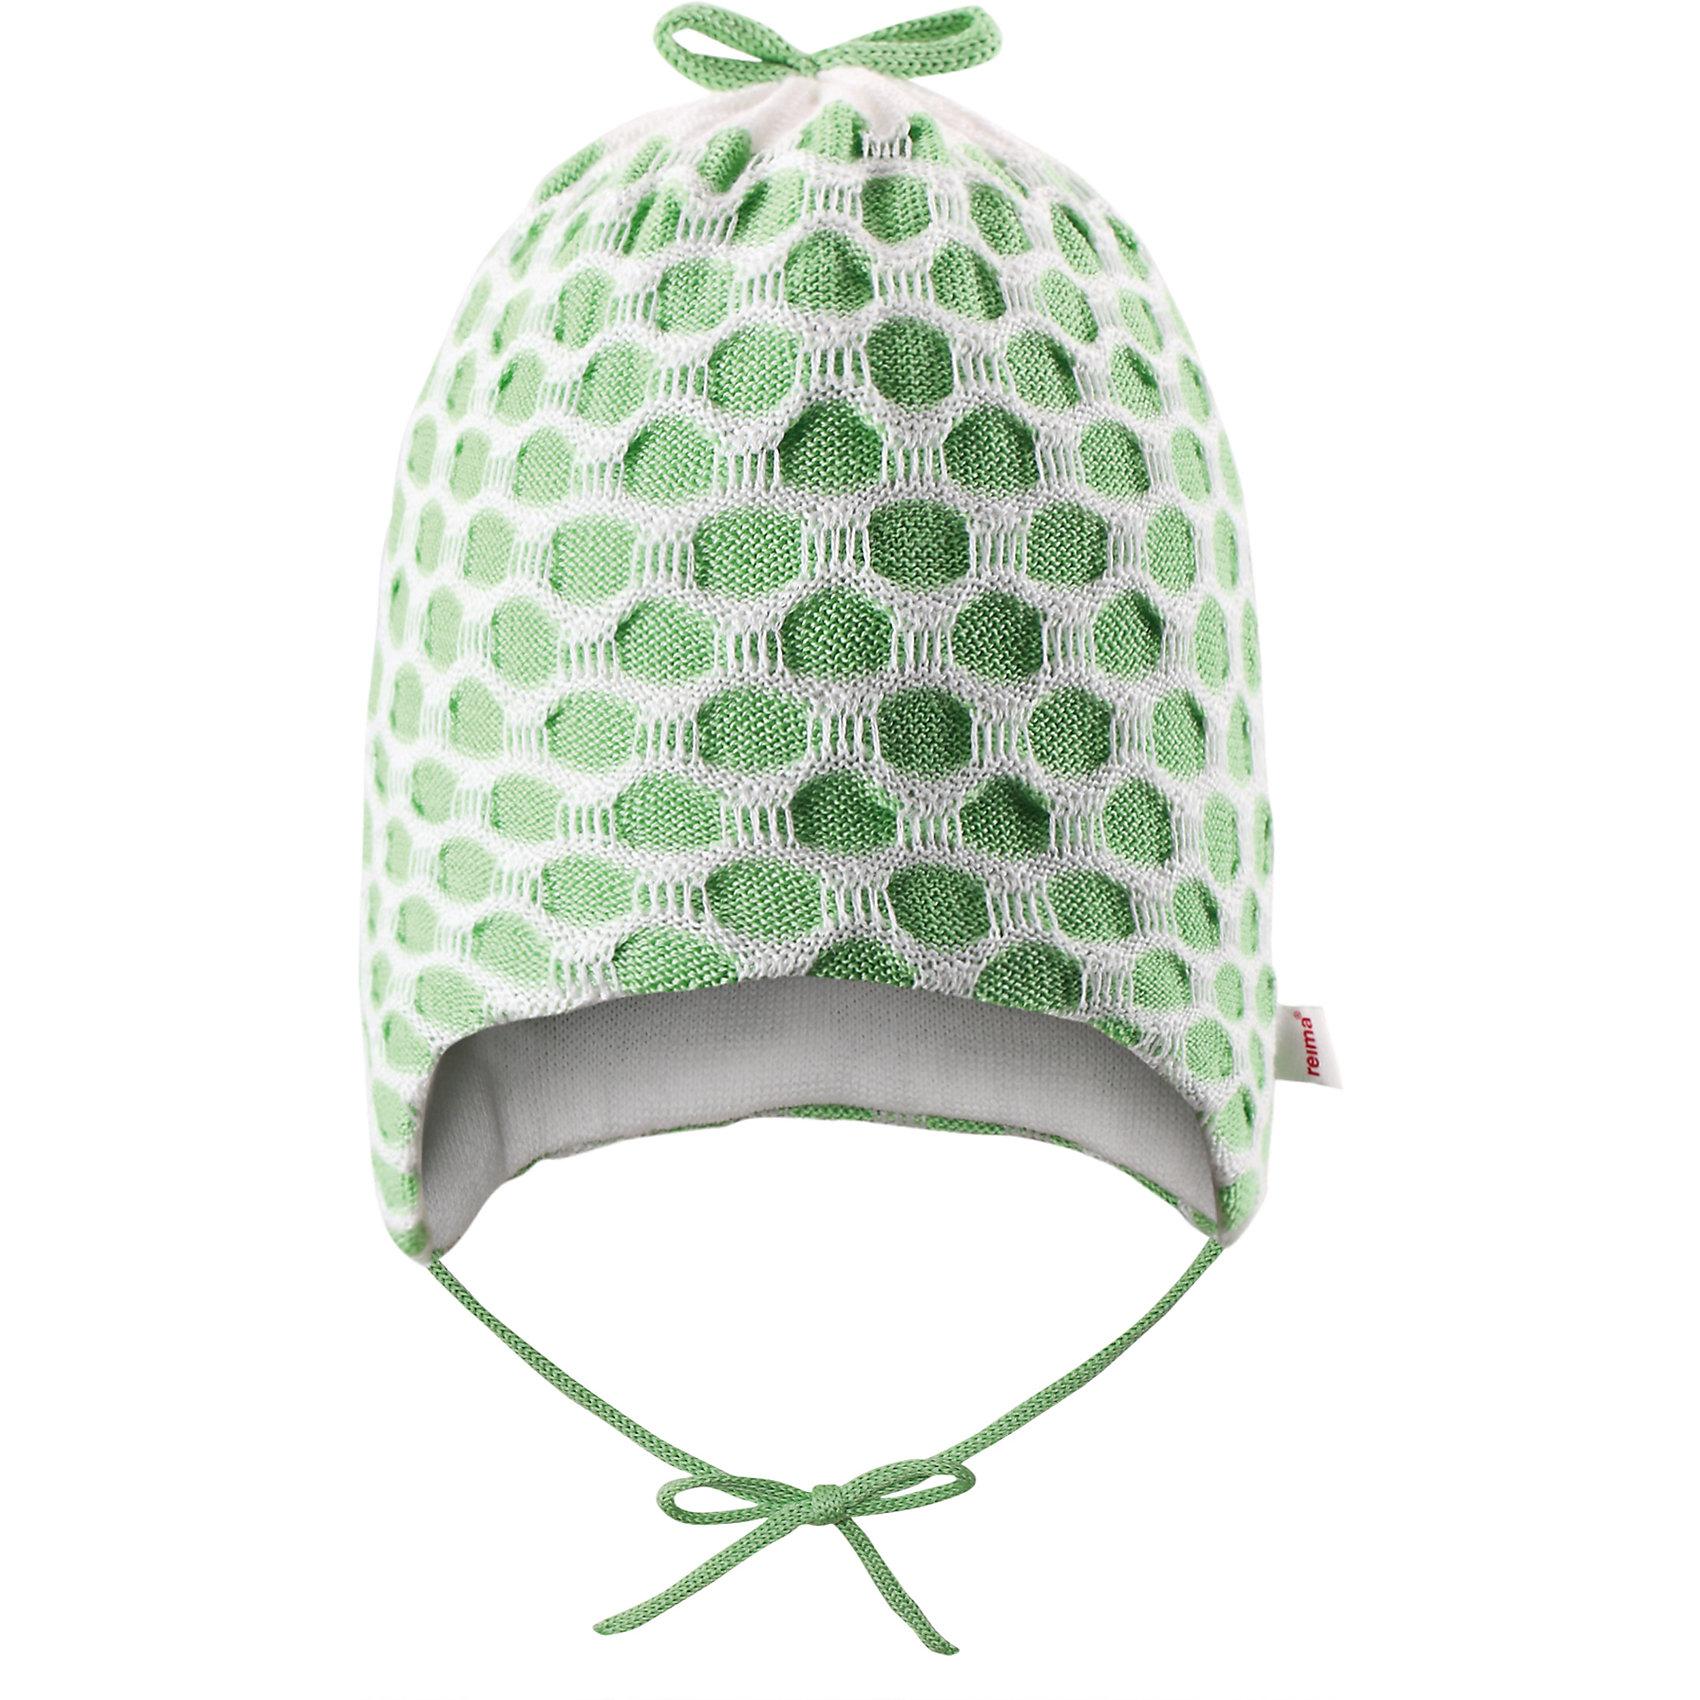 Шапка ReimaШапки и шарфы<br>Стильная модель для чудесных весенних дней. Эта уютная и мягкая шапочка из хлопка идеально подходит для новорожденных малышей. Она изготовлена из дышащего материала и подойдет как для дома, так и для улицы. Забавный вязаный узор создает классный образ.<br><br>Дополнительная информация:<br><br>Шапка «Бини» для самых маленьких<br>Смесь экологичного волокна Tencel® и органического хлопка<br>Сплошная подкладка: хлопчатобумажная ткань<br>Милый вязаный узор<br>Состав:<br>50% Лиоцелл 50% ХЛ<br>Уход:<br>Стирать с бельем одинакового цвета, вывернув наизнанку. Стирать моющим средством, не содержащим отбеливающие вещества. Придать первоначальную форму вo влажном виде.<br><br>Ширина мм: 89<br>Глубина мм: 117<br>Высота мм: 44<br>Вес г: 155<br>Цвет: зеленый<br>Возраст от месяцев: 1<br>Возраст до месяцев: 3<br>Пол: Женский<br>Возраст: Детский<br>Размер: 36-38,44-46,40-42<br>SKU: 4498325